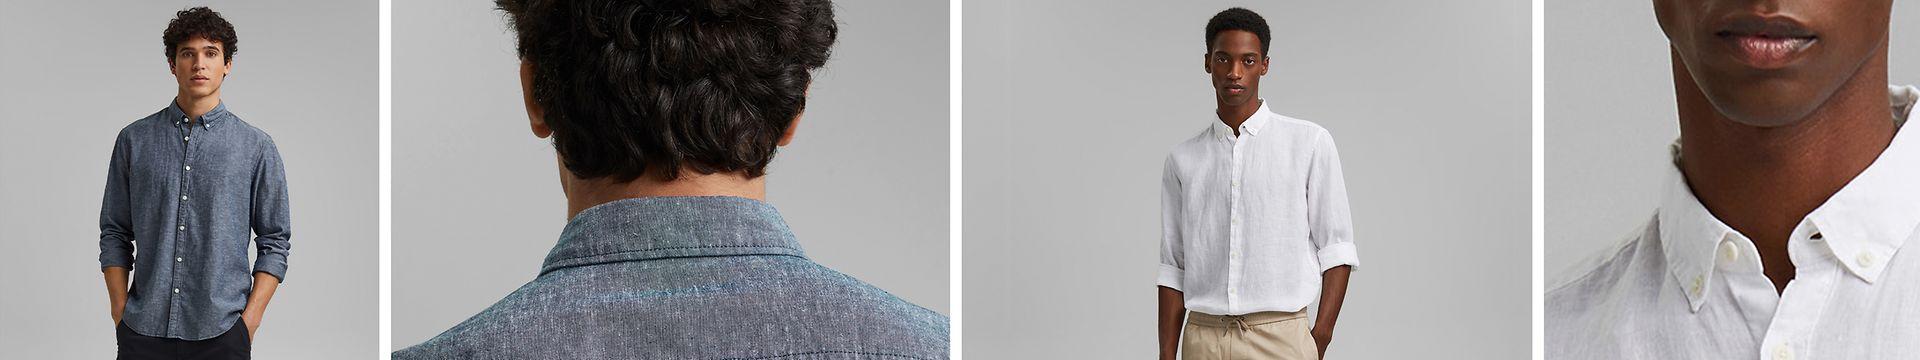 272021- men - startpage- pov -summer shirts - IMG